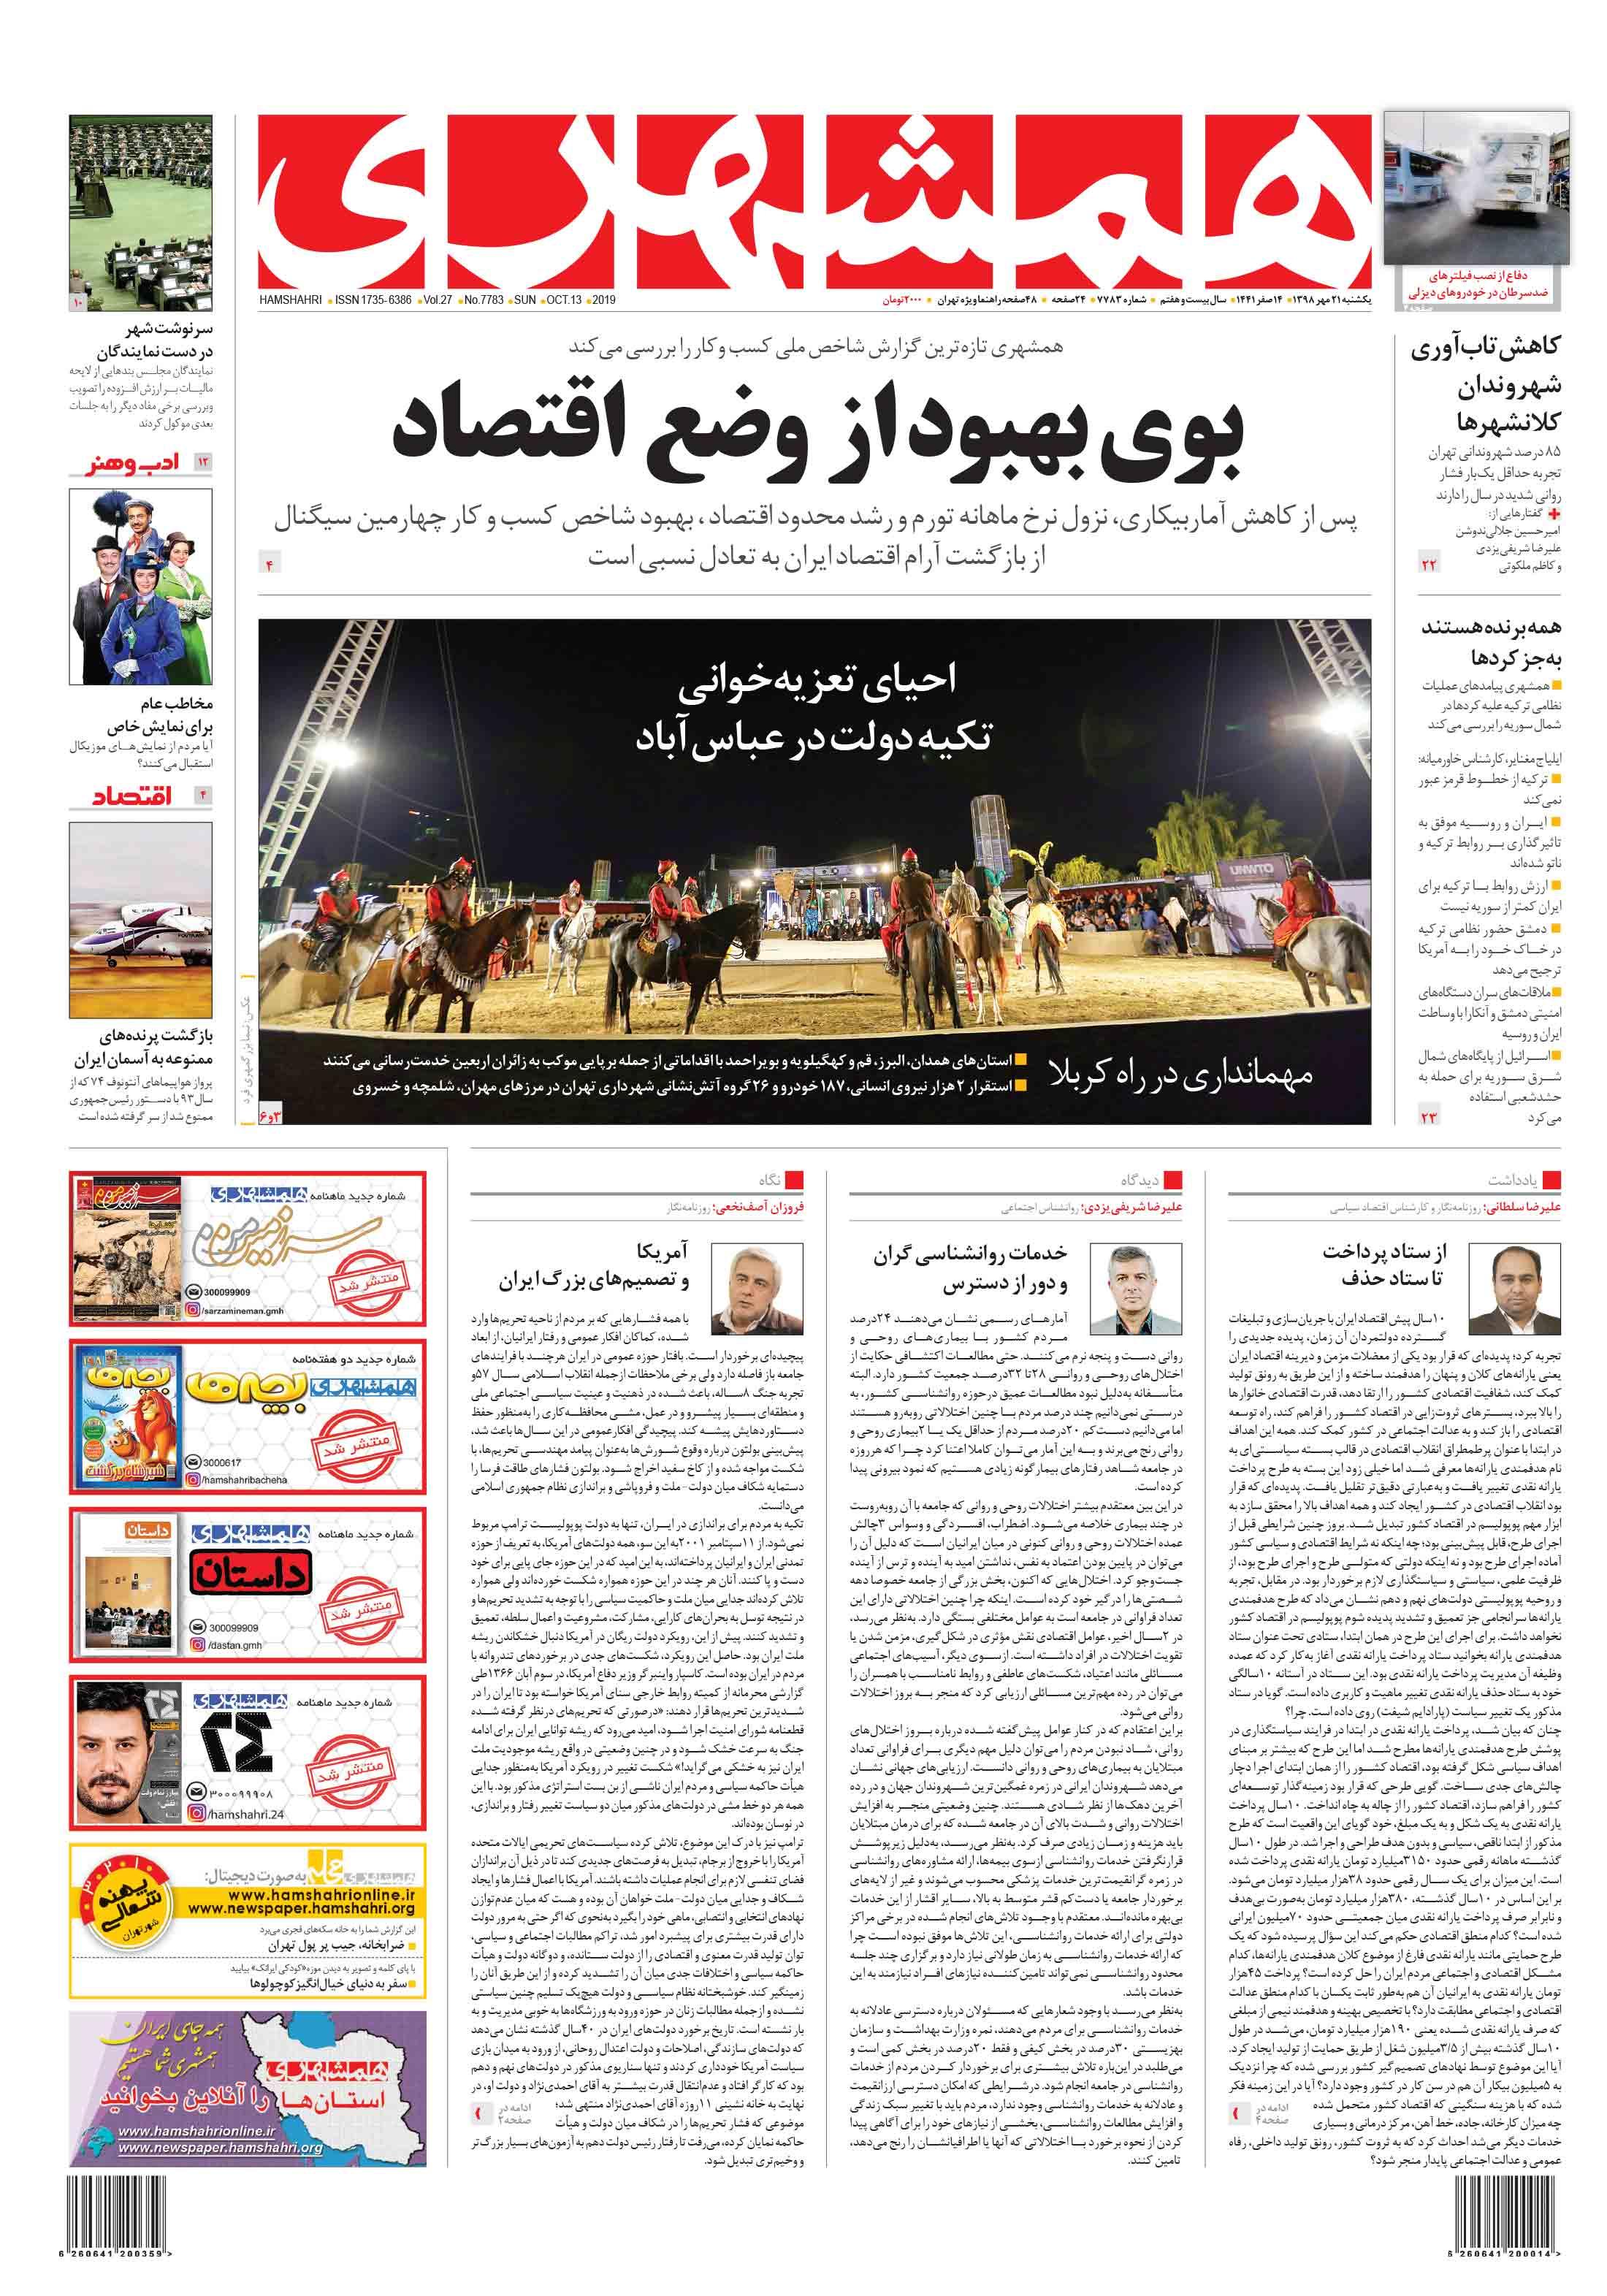 صفحه اول یکشنبه 21 مهر 1398